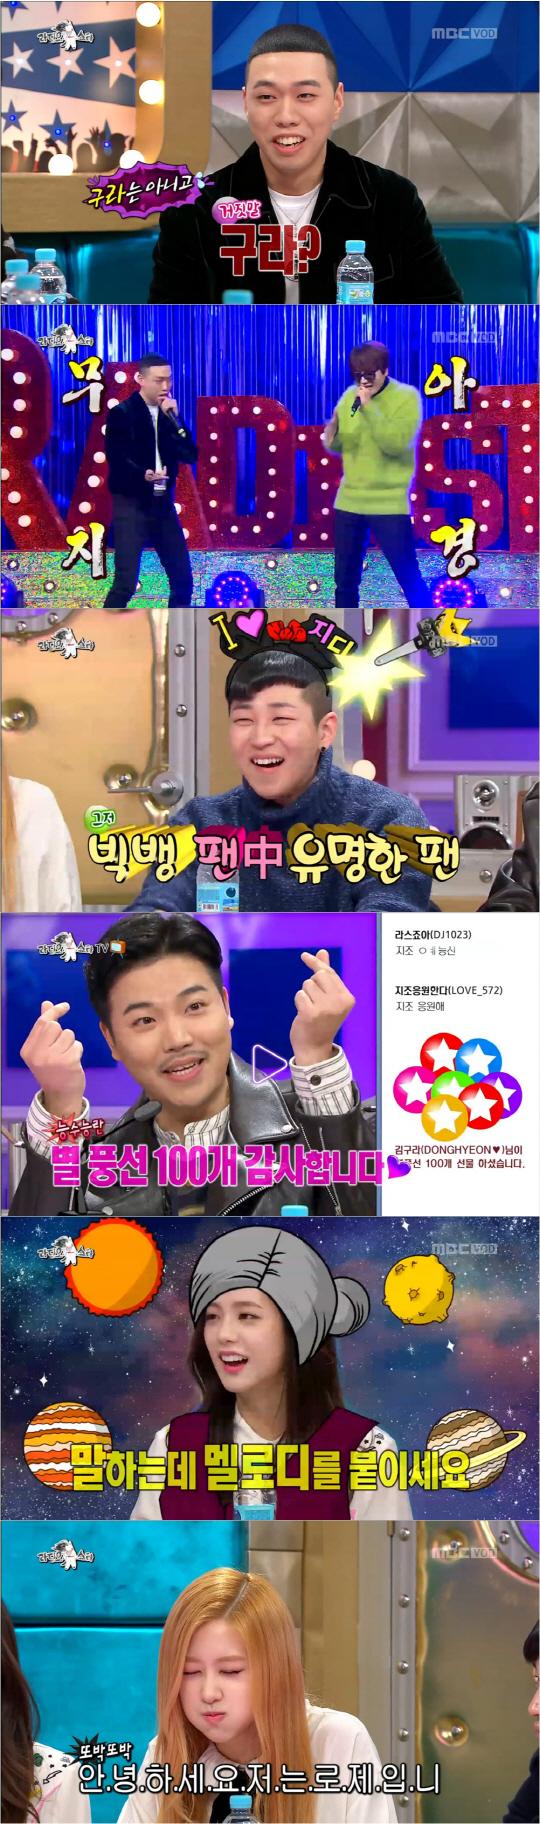 '라디오스타' 래퍼들의 괴물 예능감!...동시간대 시청률 1위